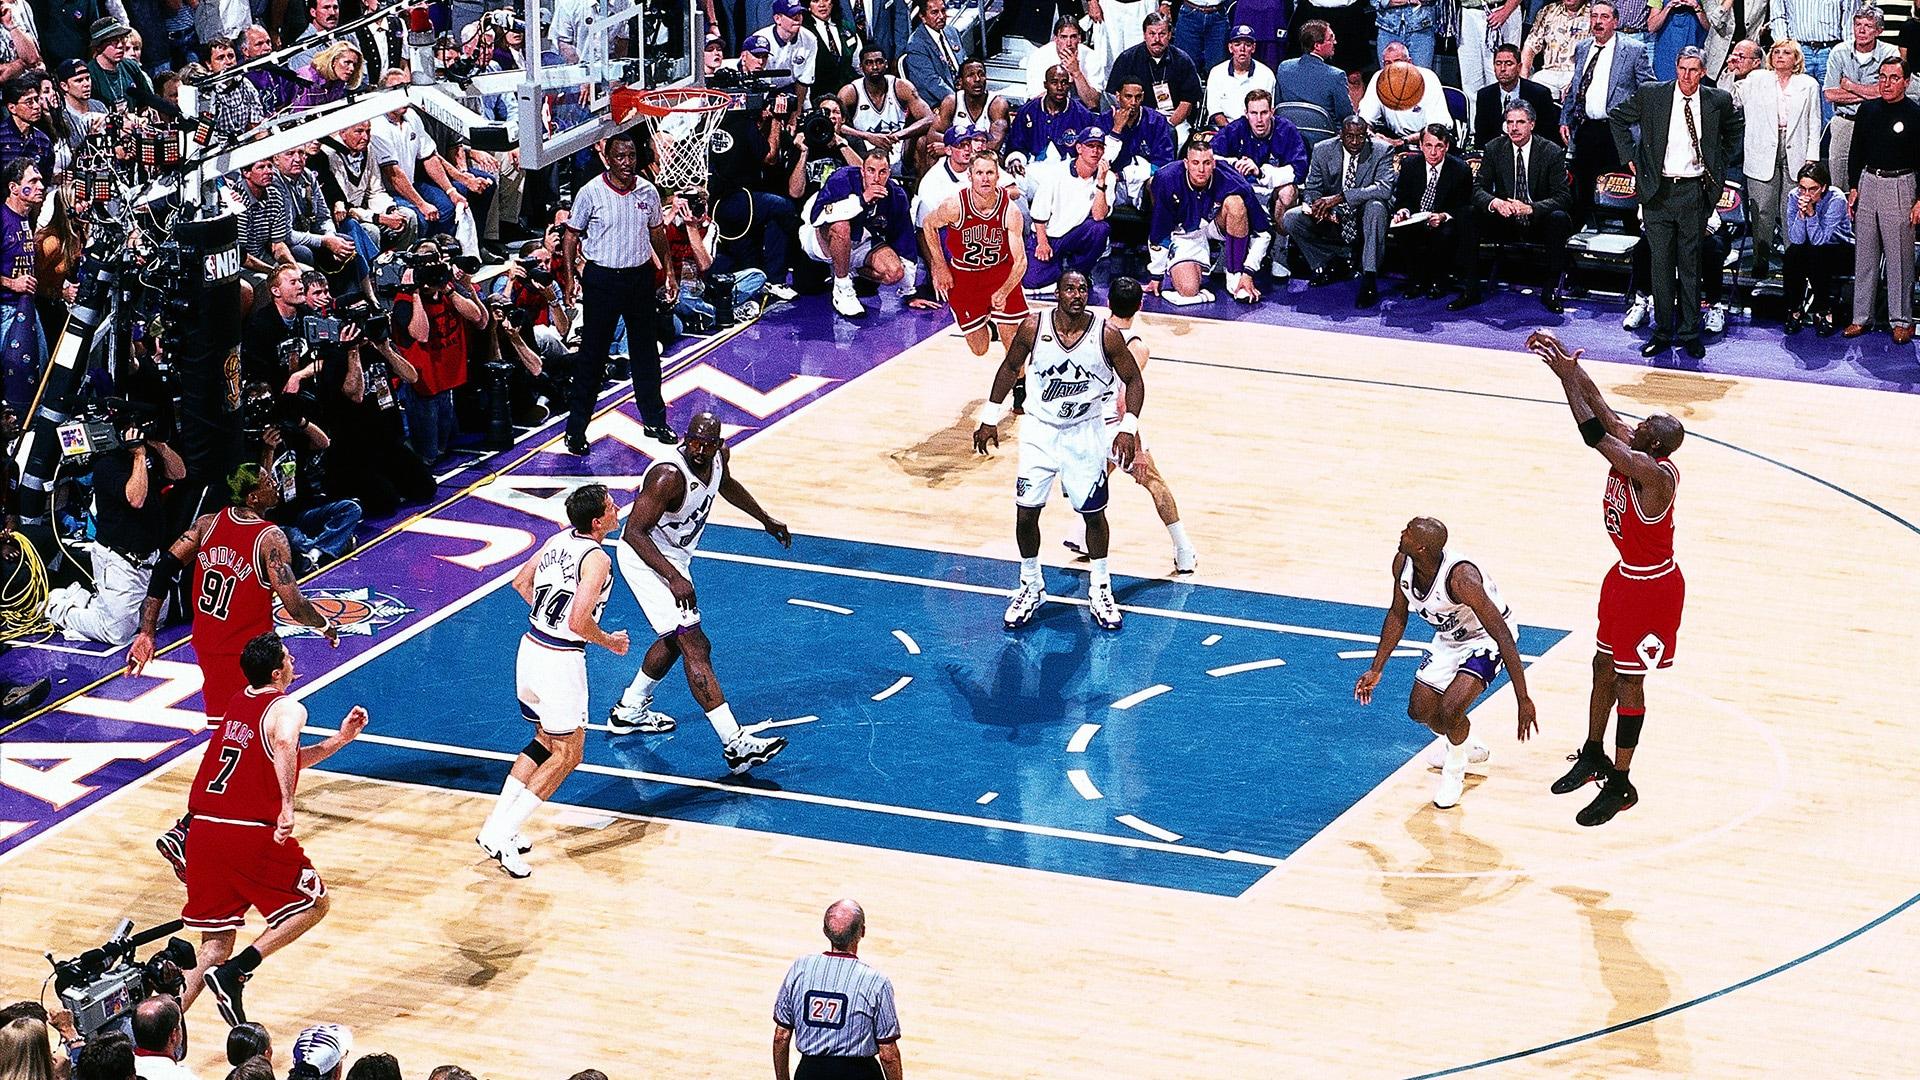 NBA Top Moments: 1990s